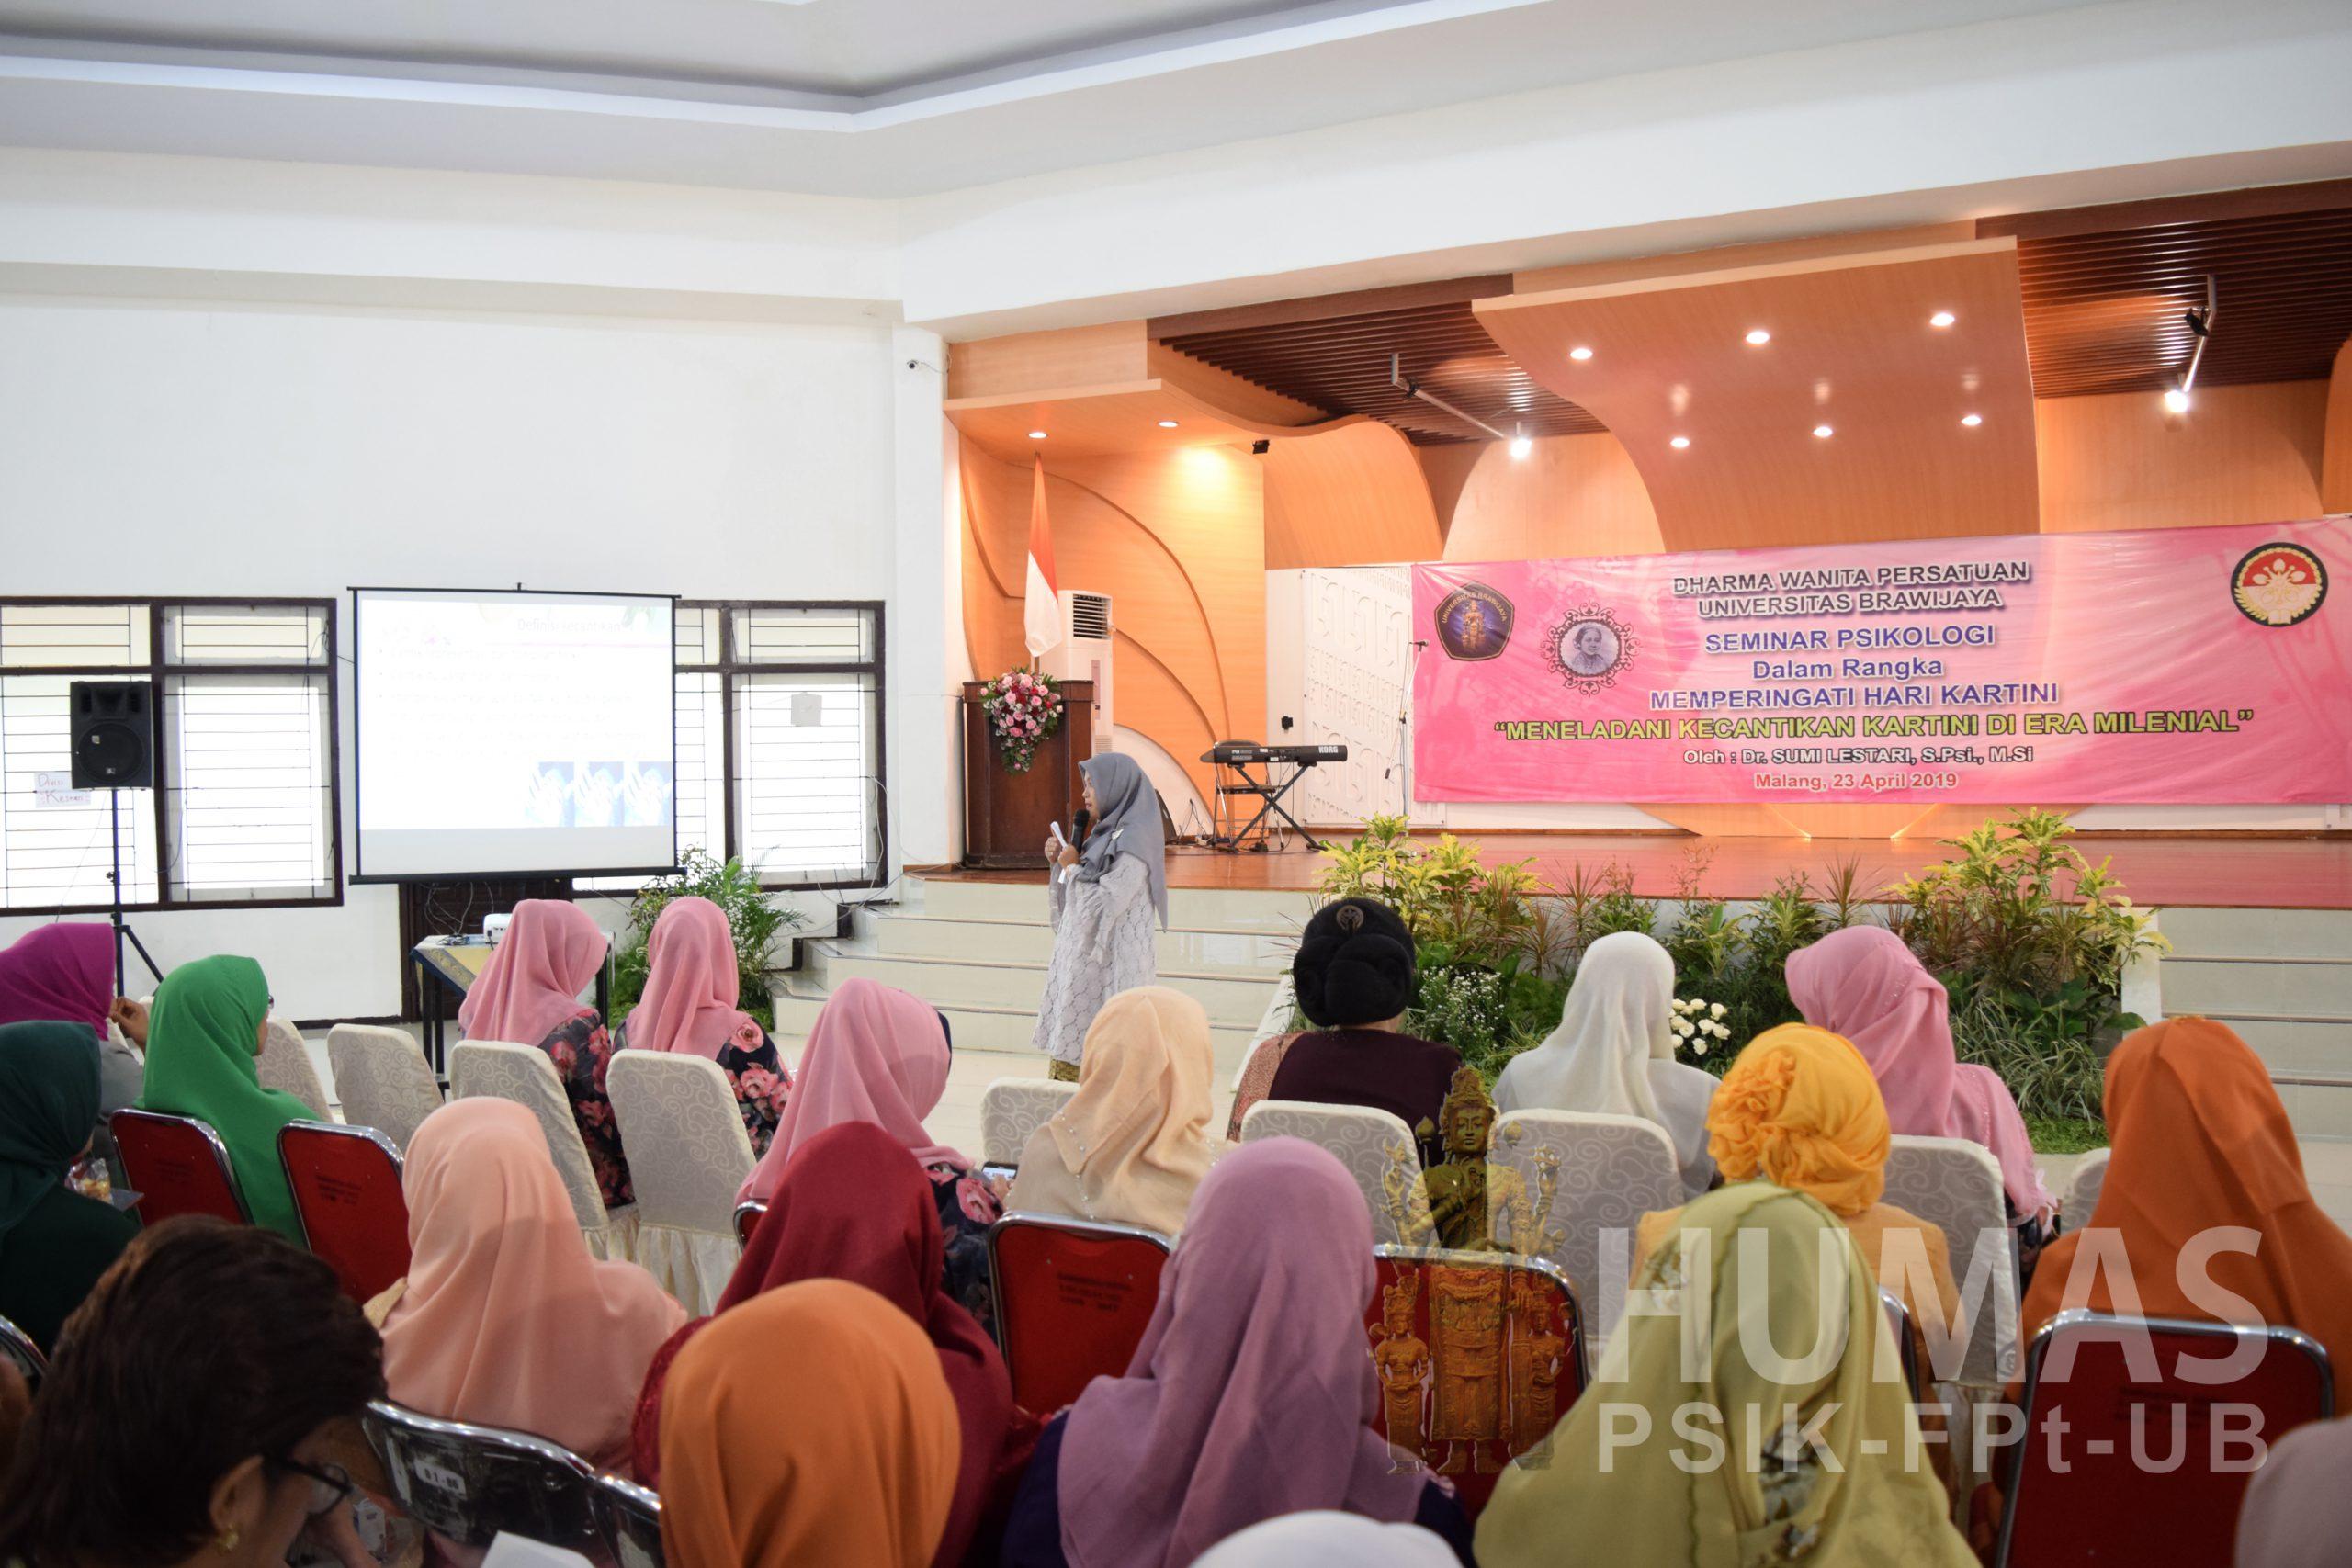 Peringati Hari Kartini DWP UB Adakan Seminar Psikologi Kecantikan